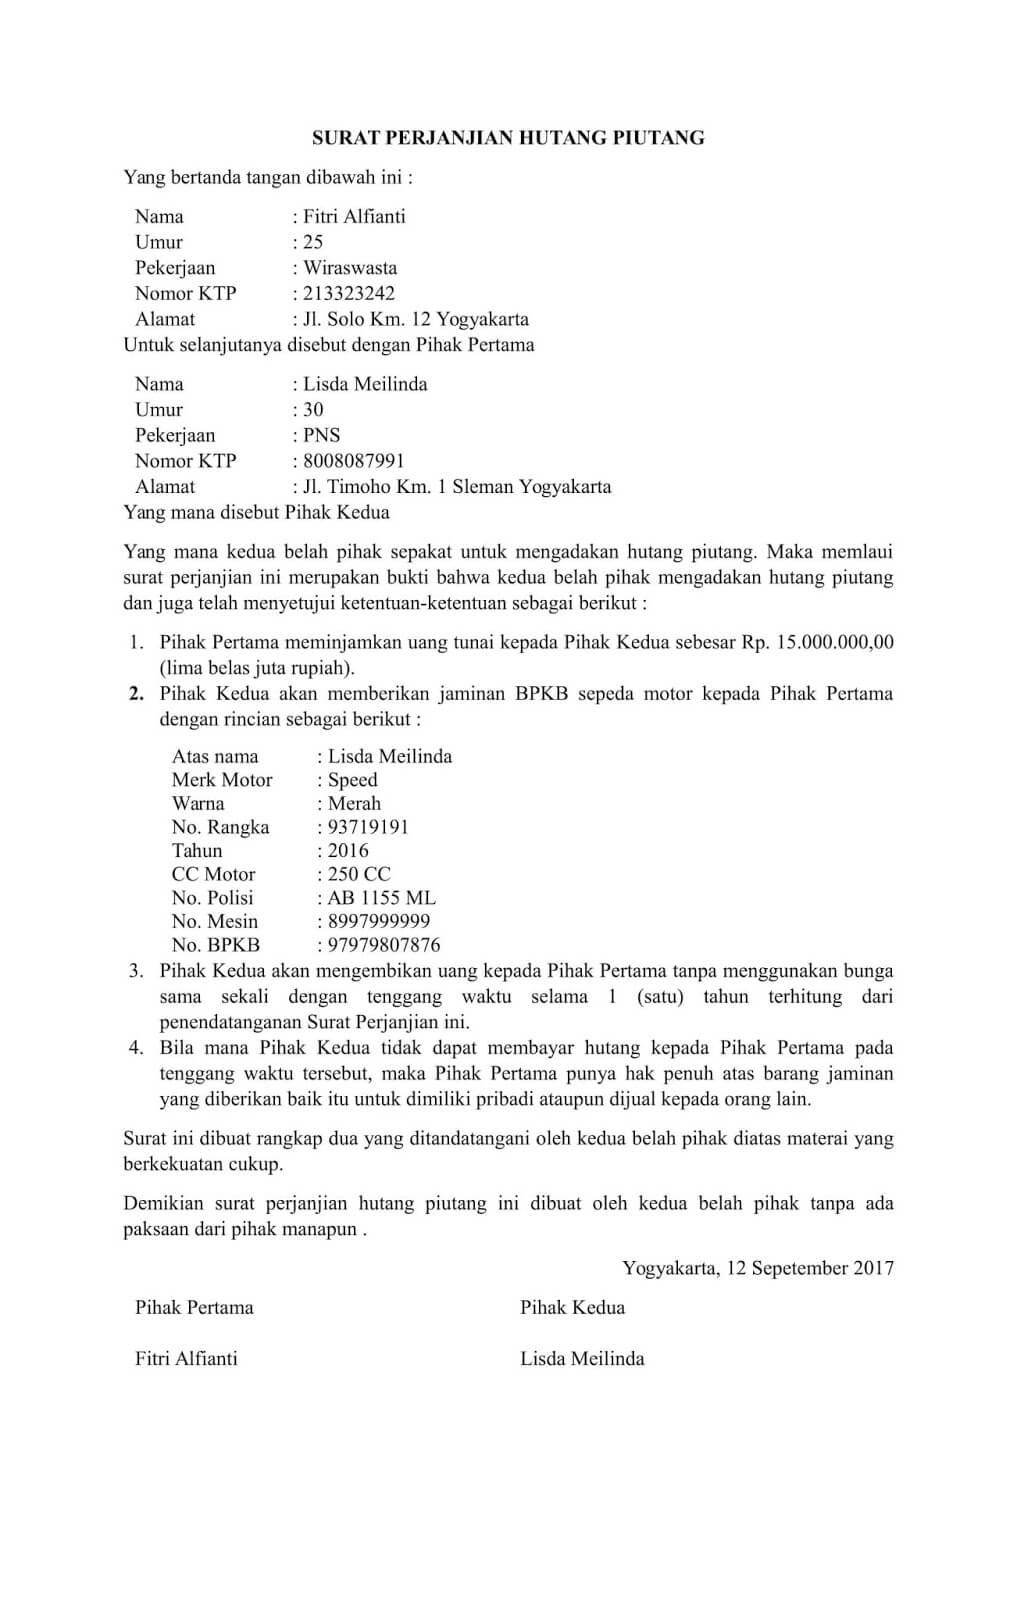 Contoh Surat Perjanjian Hutang Piutang Tanpa Jaminan